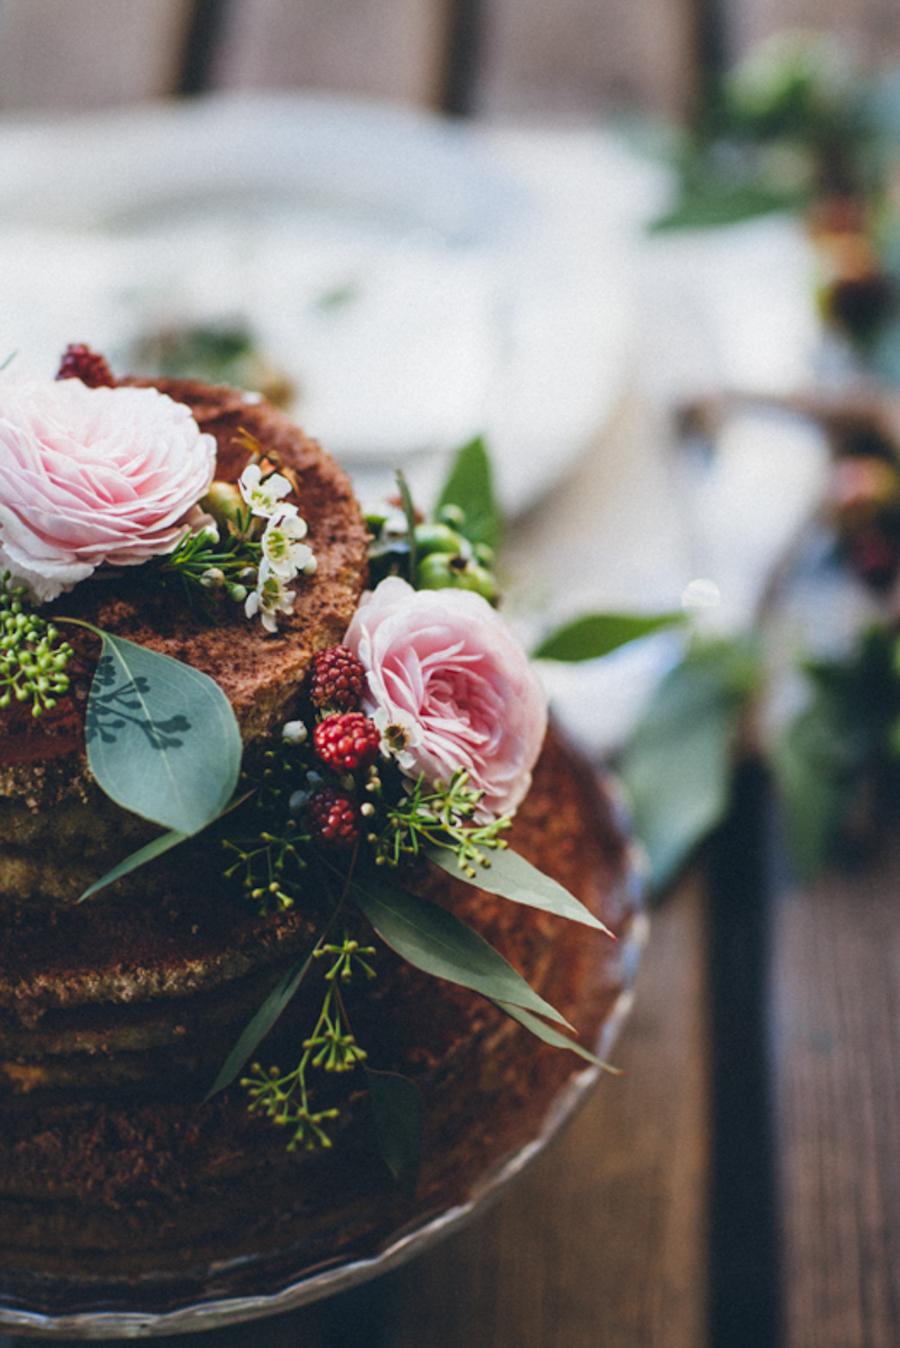 matrimonio-boho-chic-e-naturale-sweetphotofactory-wedding-wonderland-07